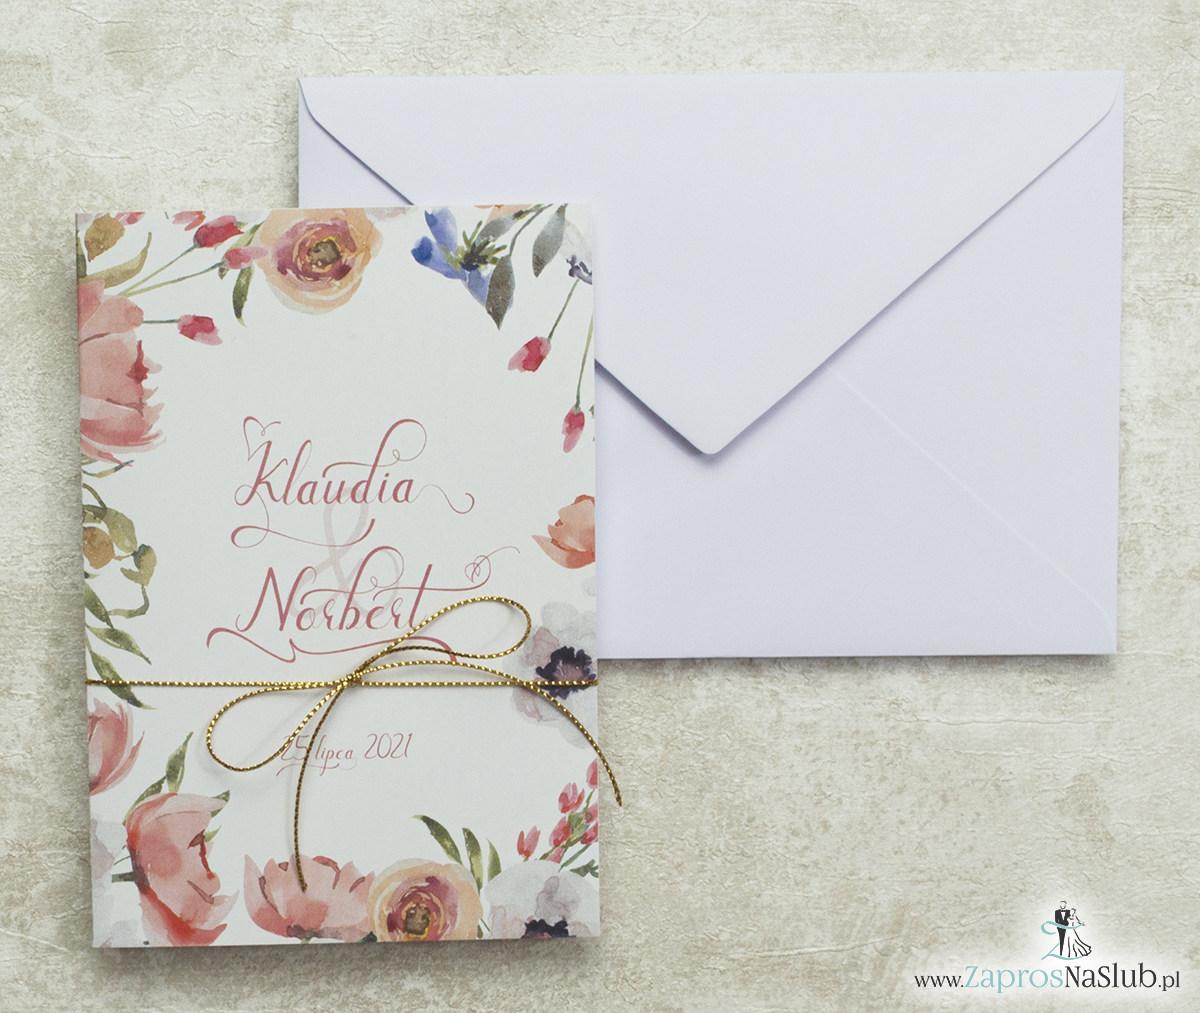 Modne zaproszenia ślubne kwiatowe. Kwiaty otaczające motyw tekstowy. Nowoczesna ozdobna czcionka. Sznurek metalizowany złoty. ZAP-35-03